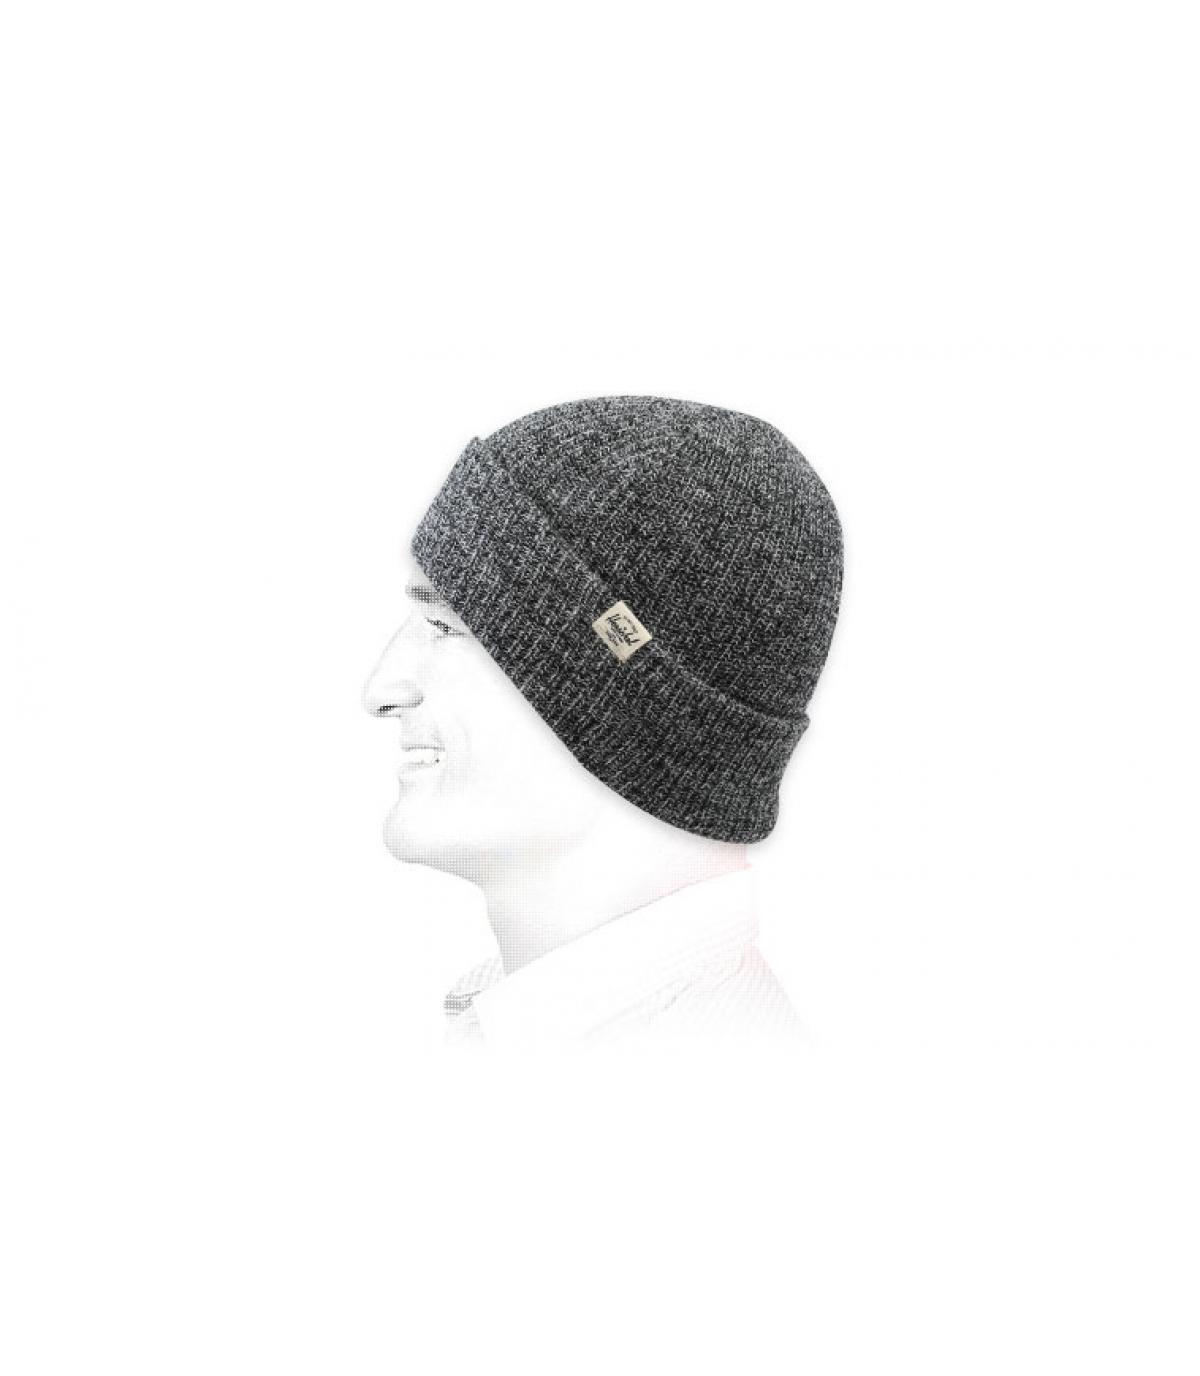 Mütze mit Rand grau meliert Herschel